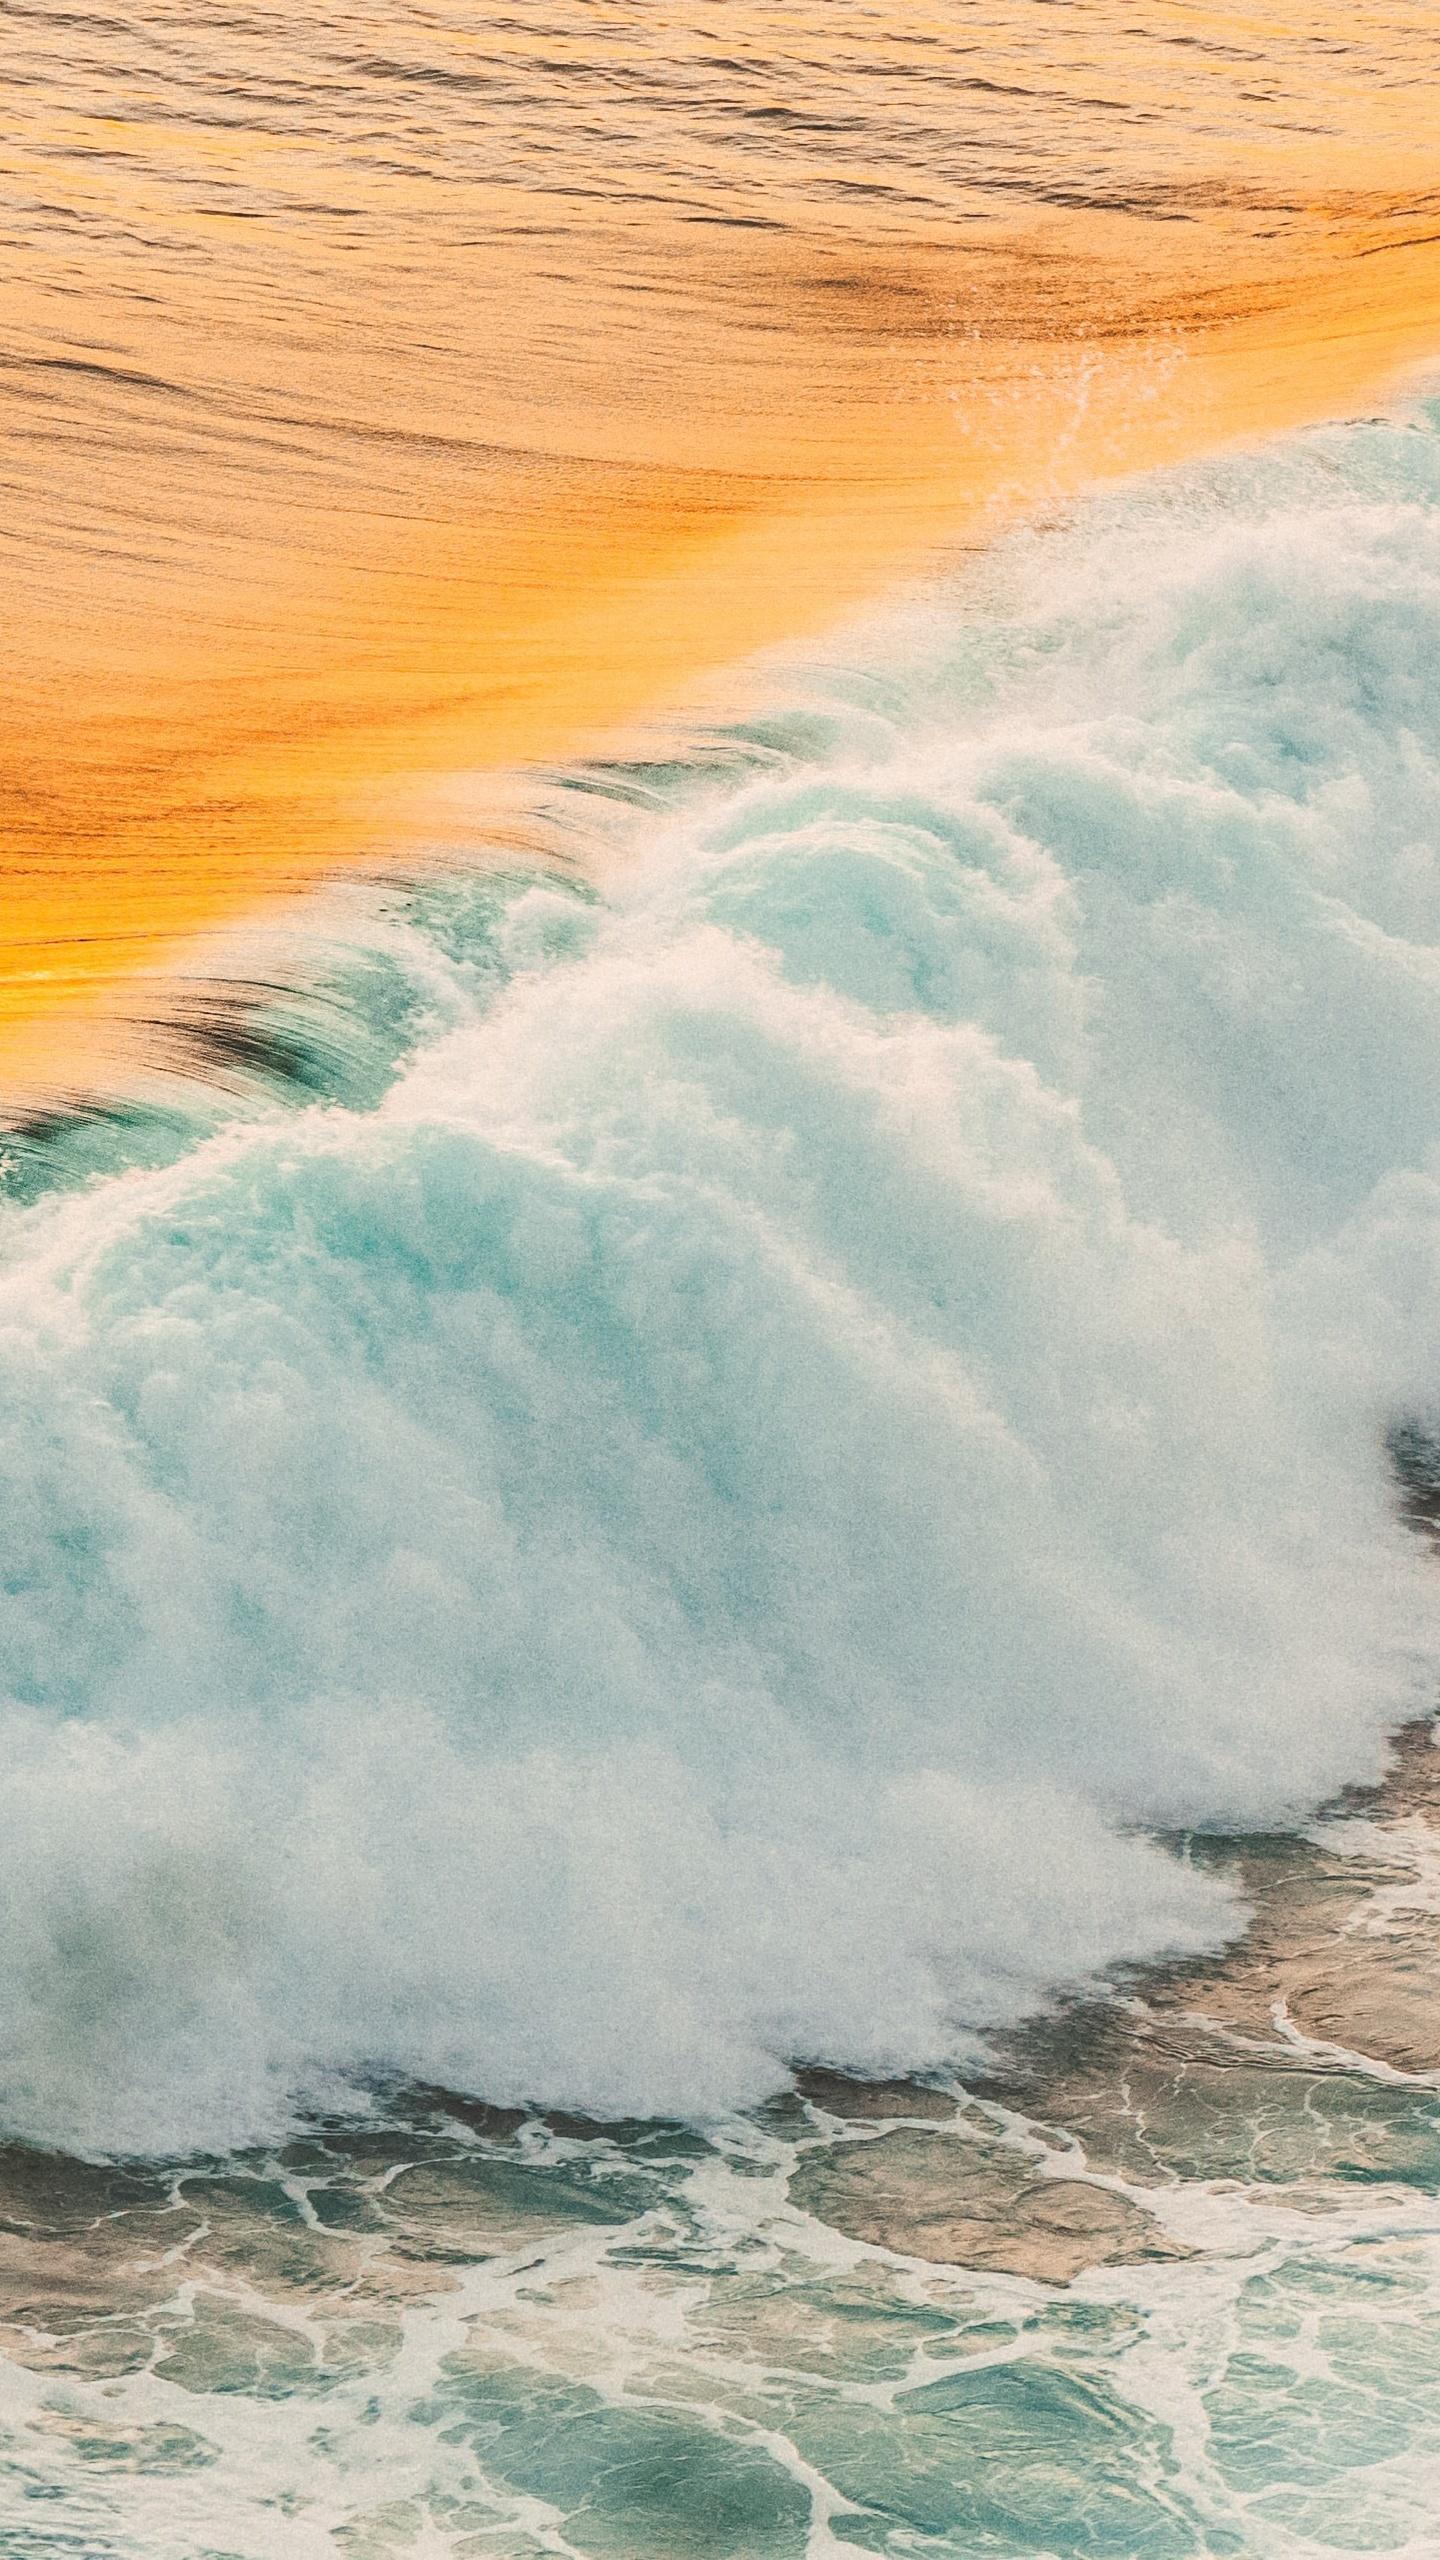 ocean-waves-long-exposure-4k-iq.jpg